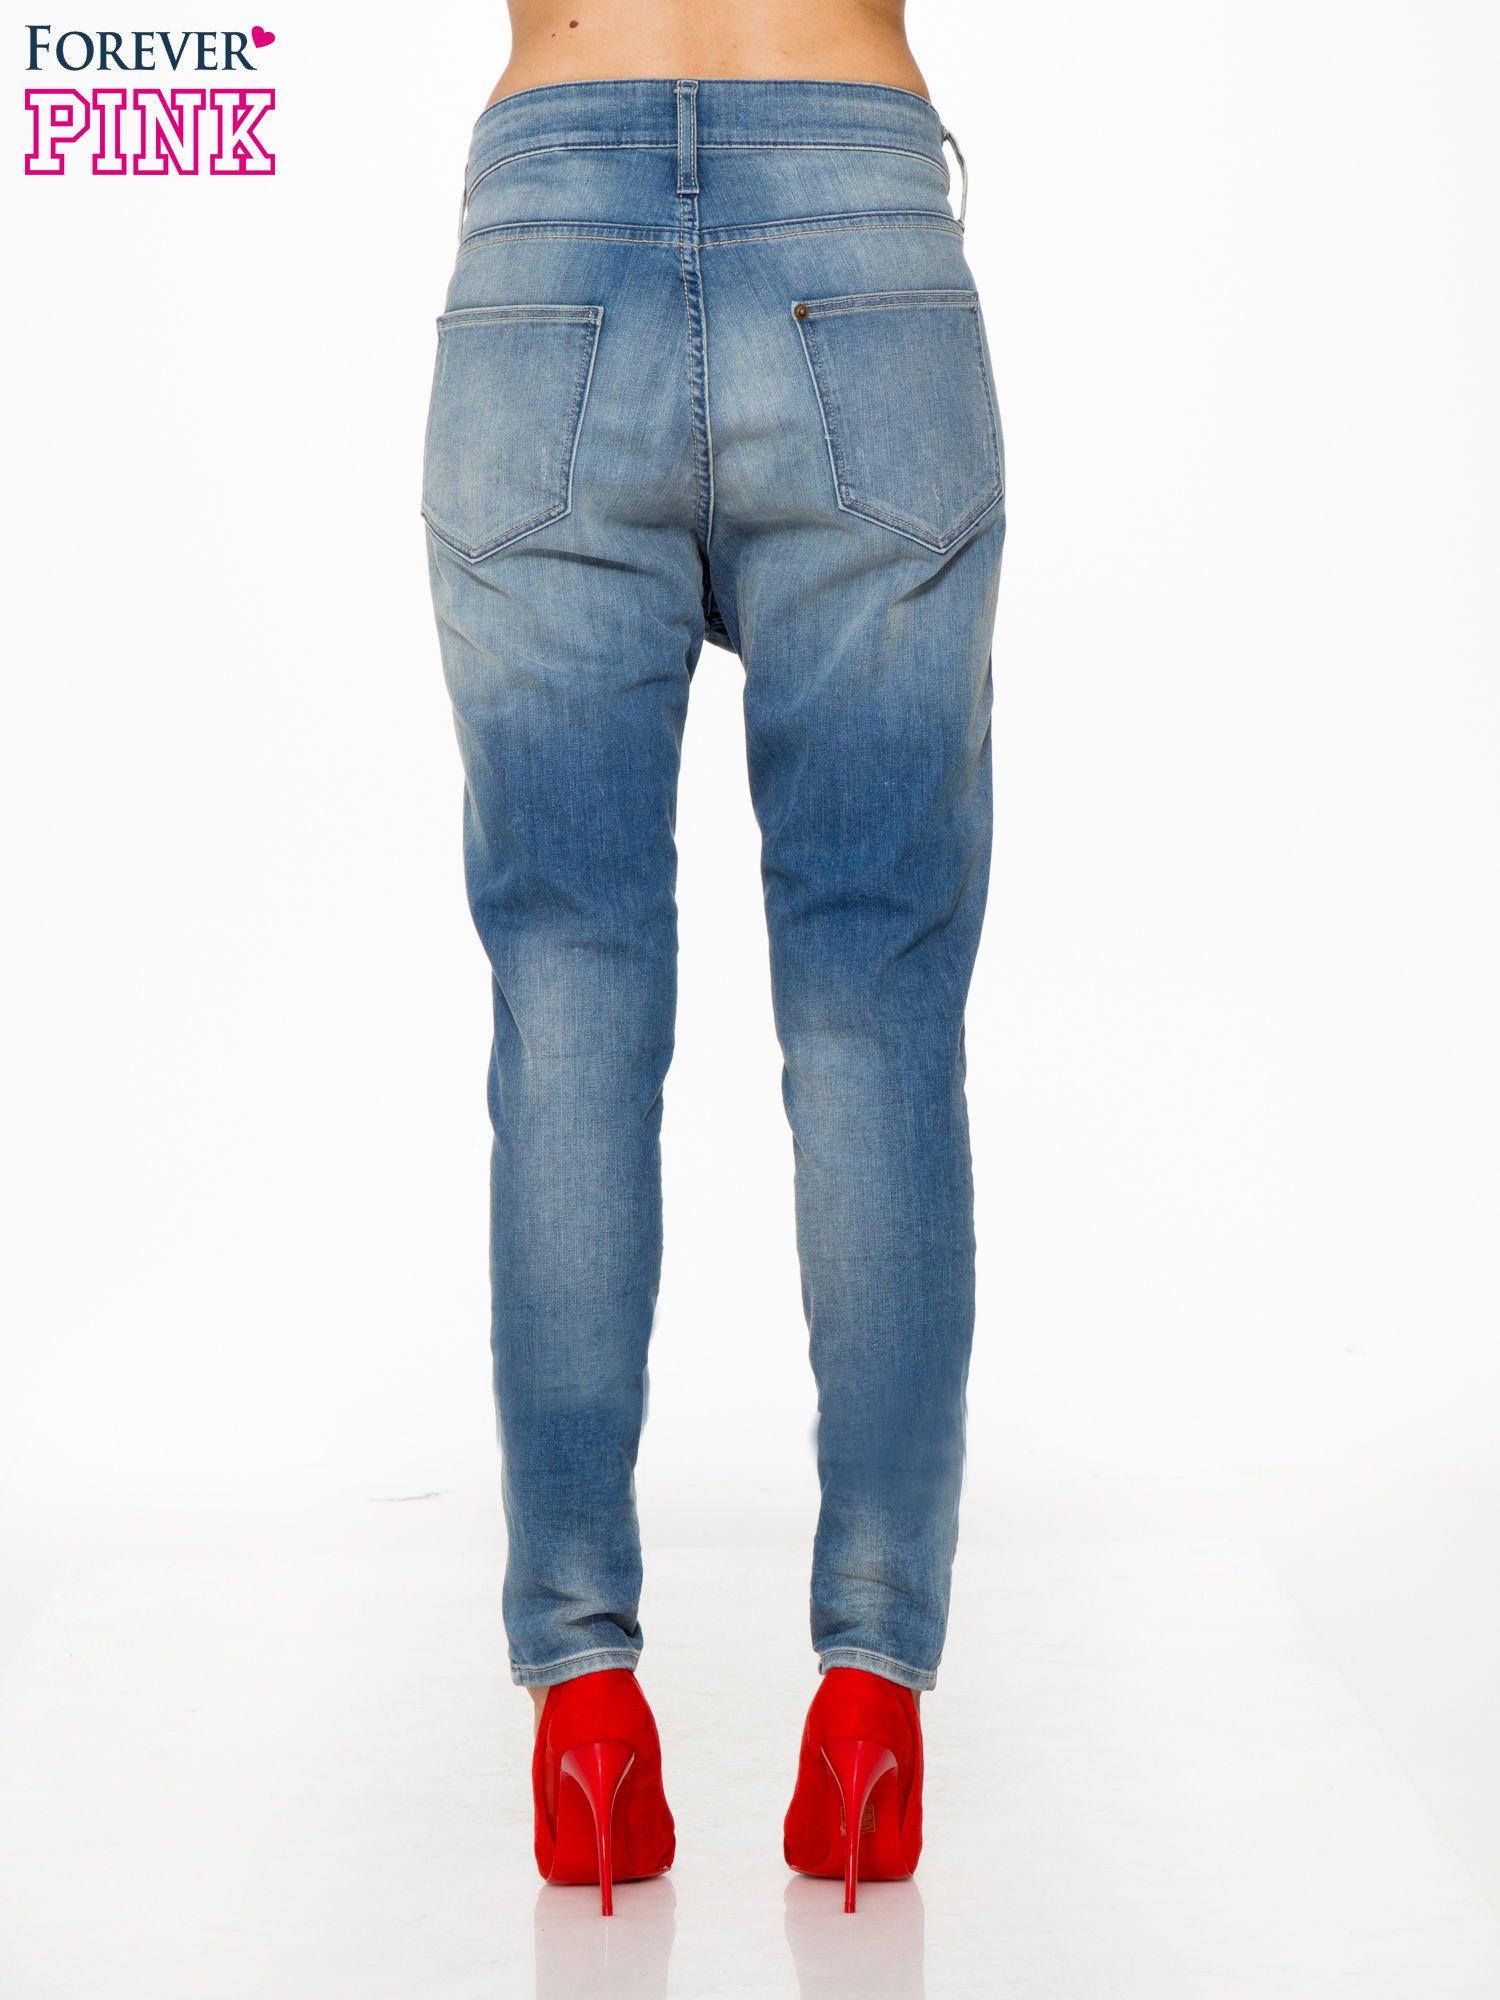 Jasnoniebieskie spodnie typu boyfriend jeans z rozjaśnianą nogawką                                  zdj.                                  2